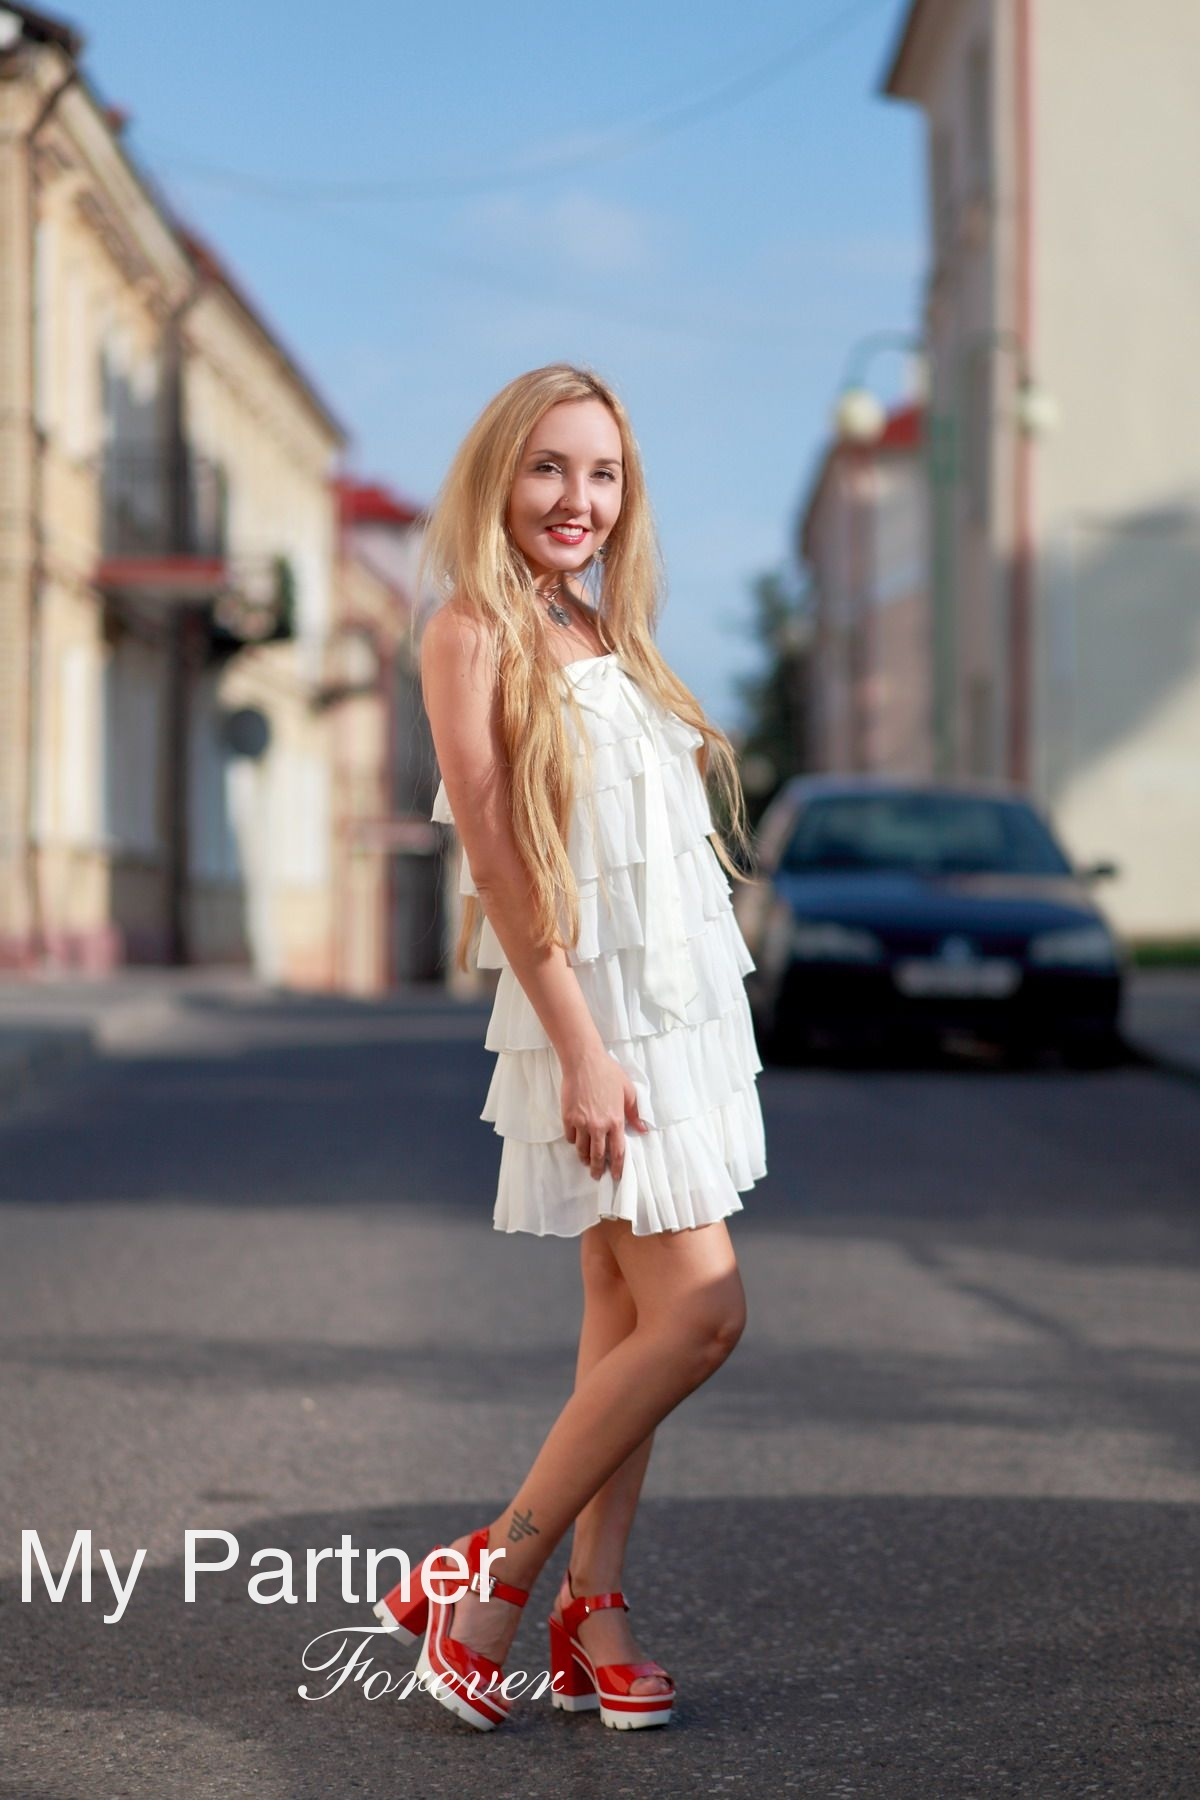 Stunning Girl from Belarus - Elvira from Grodno, Belarus